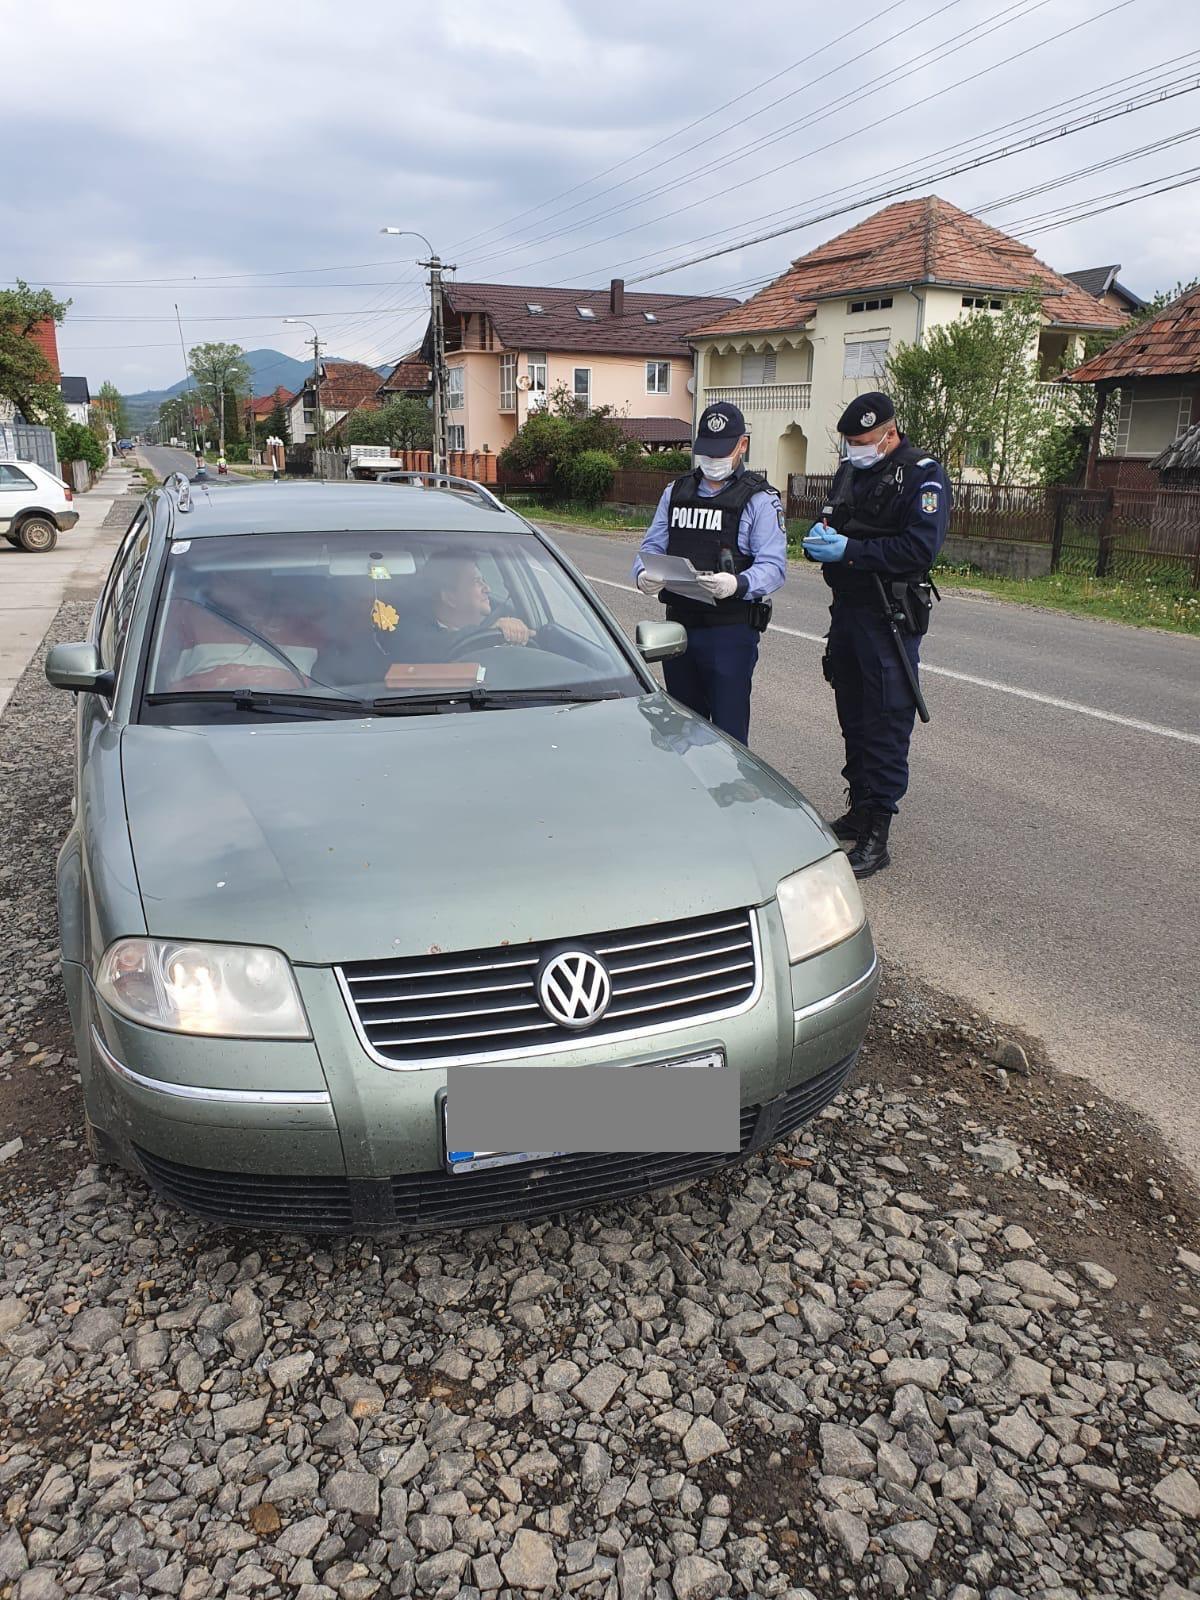 Acțiune de amploare a polițiștilor în Țara Oașului